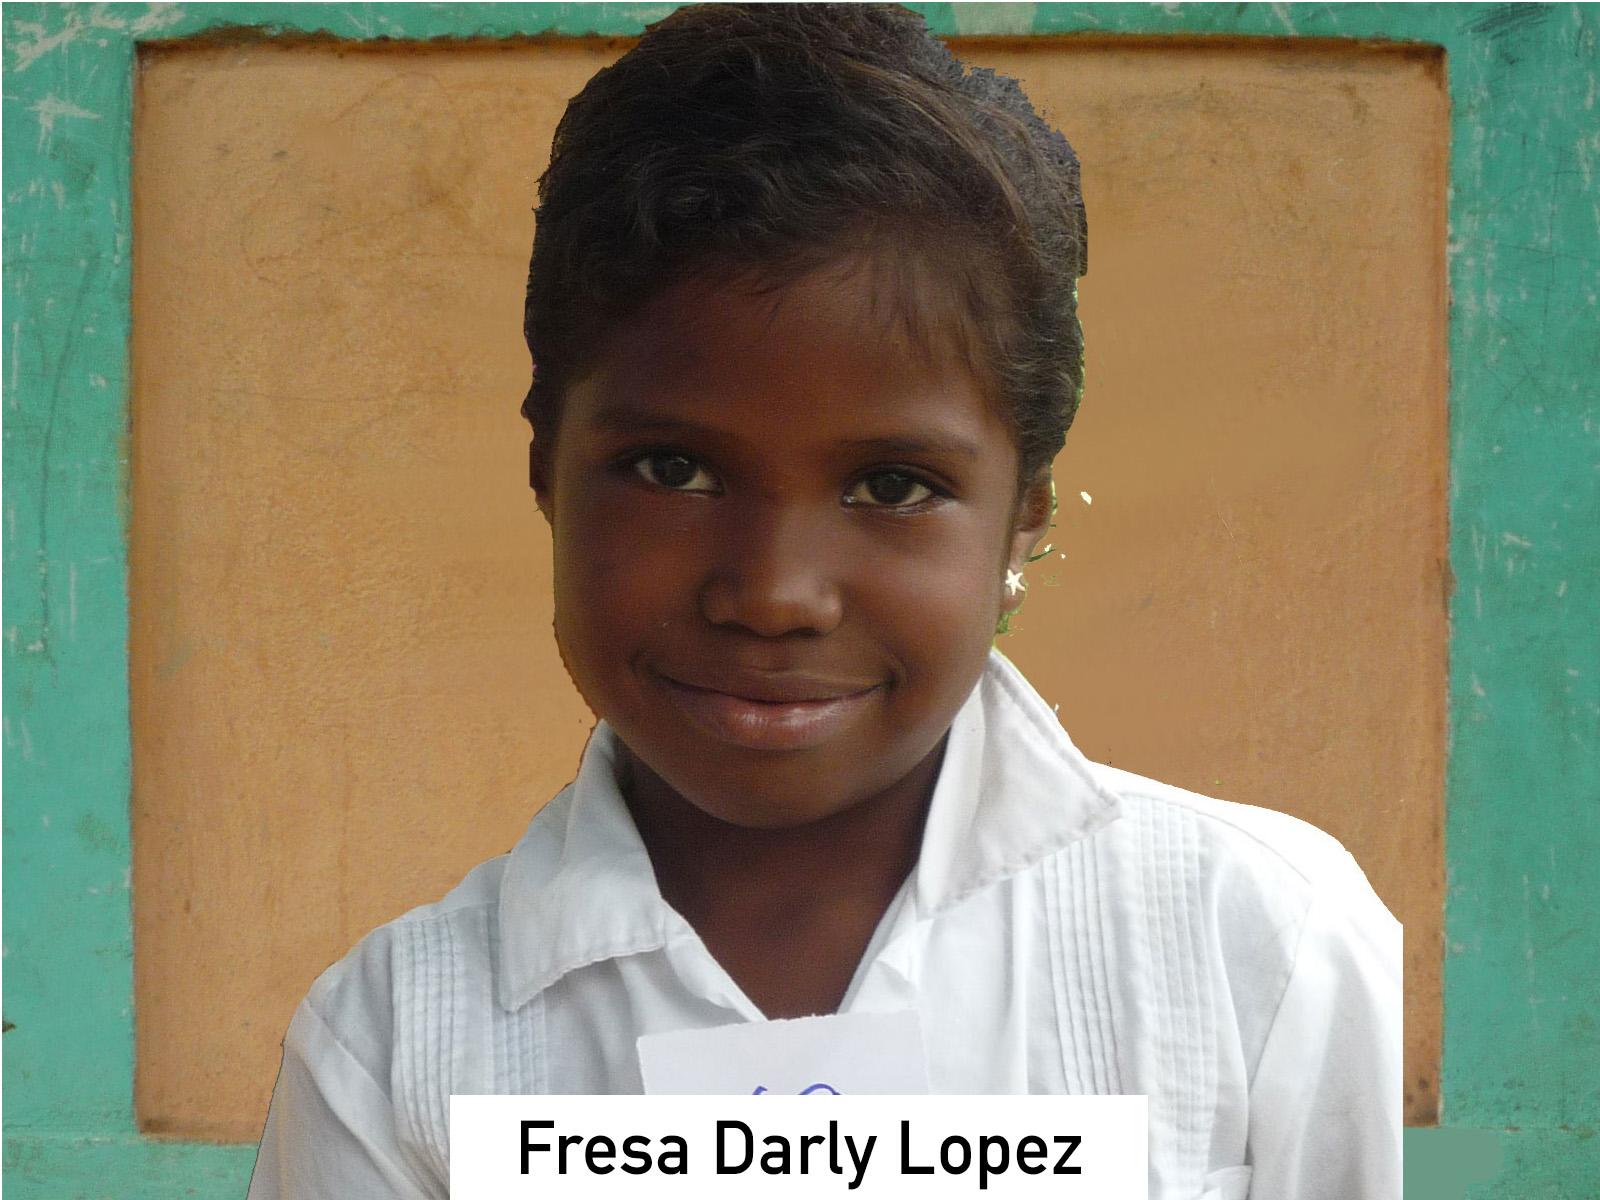 069 - Fresa Darly López.jpg